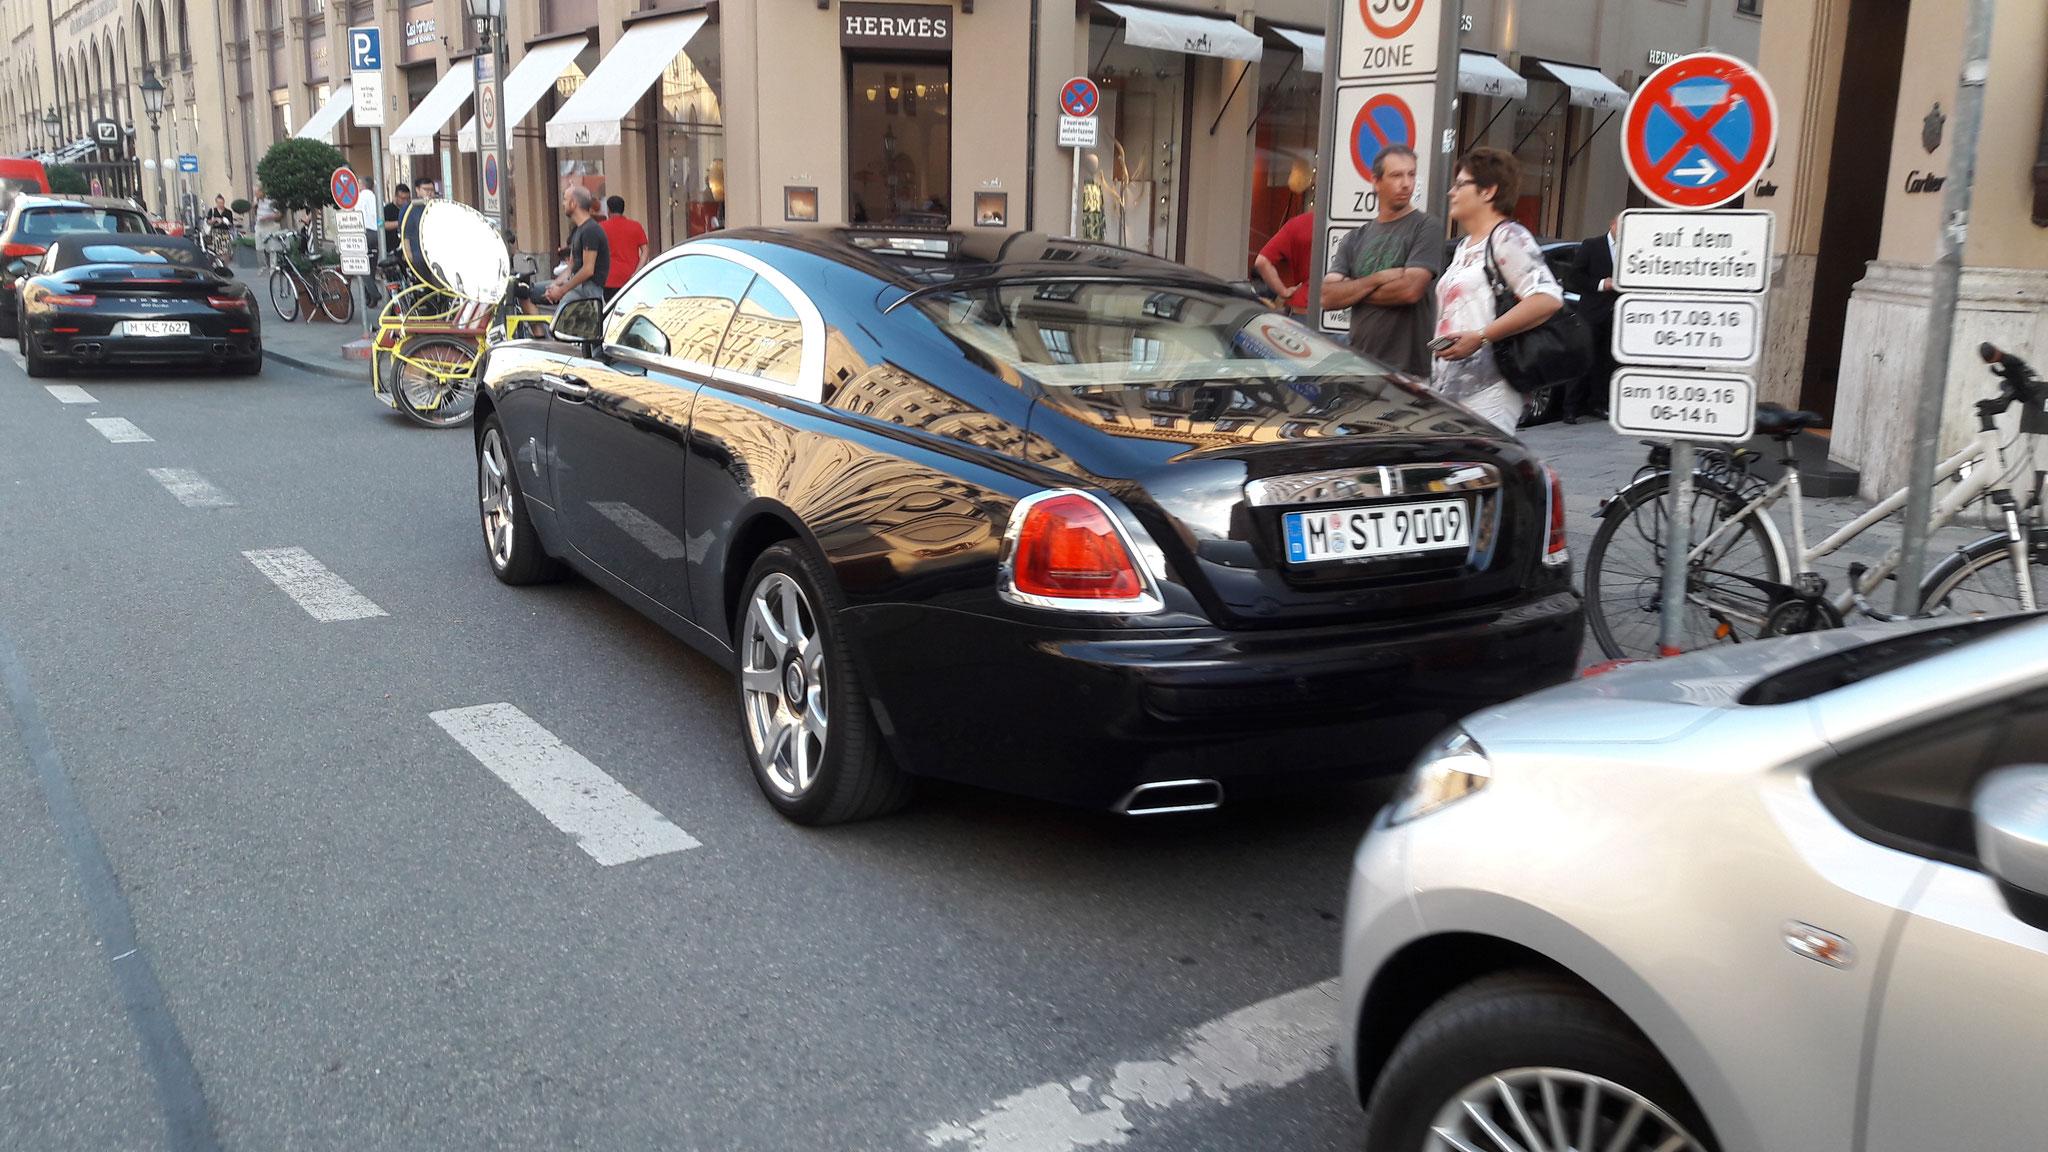 Rolls Royce Wraith - M-ST-9009